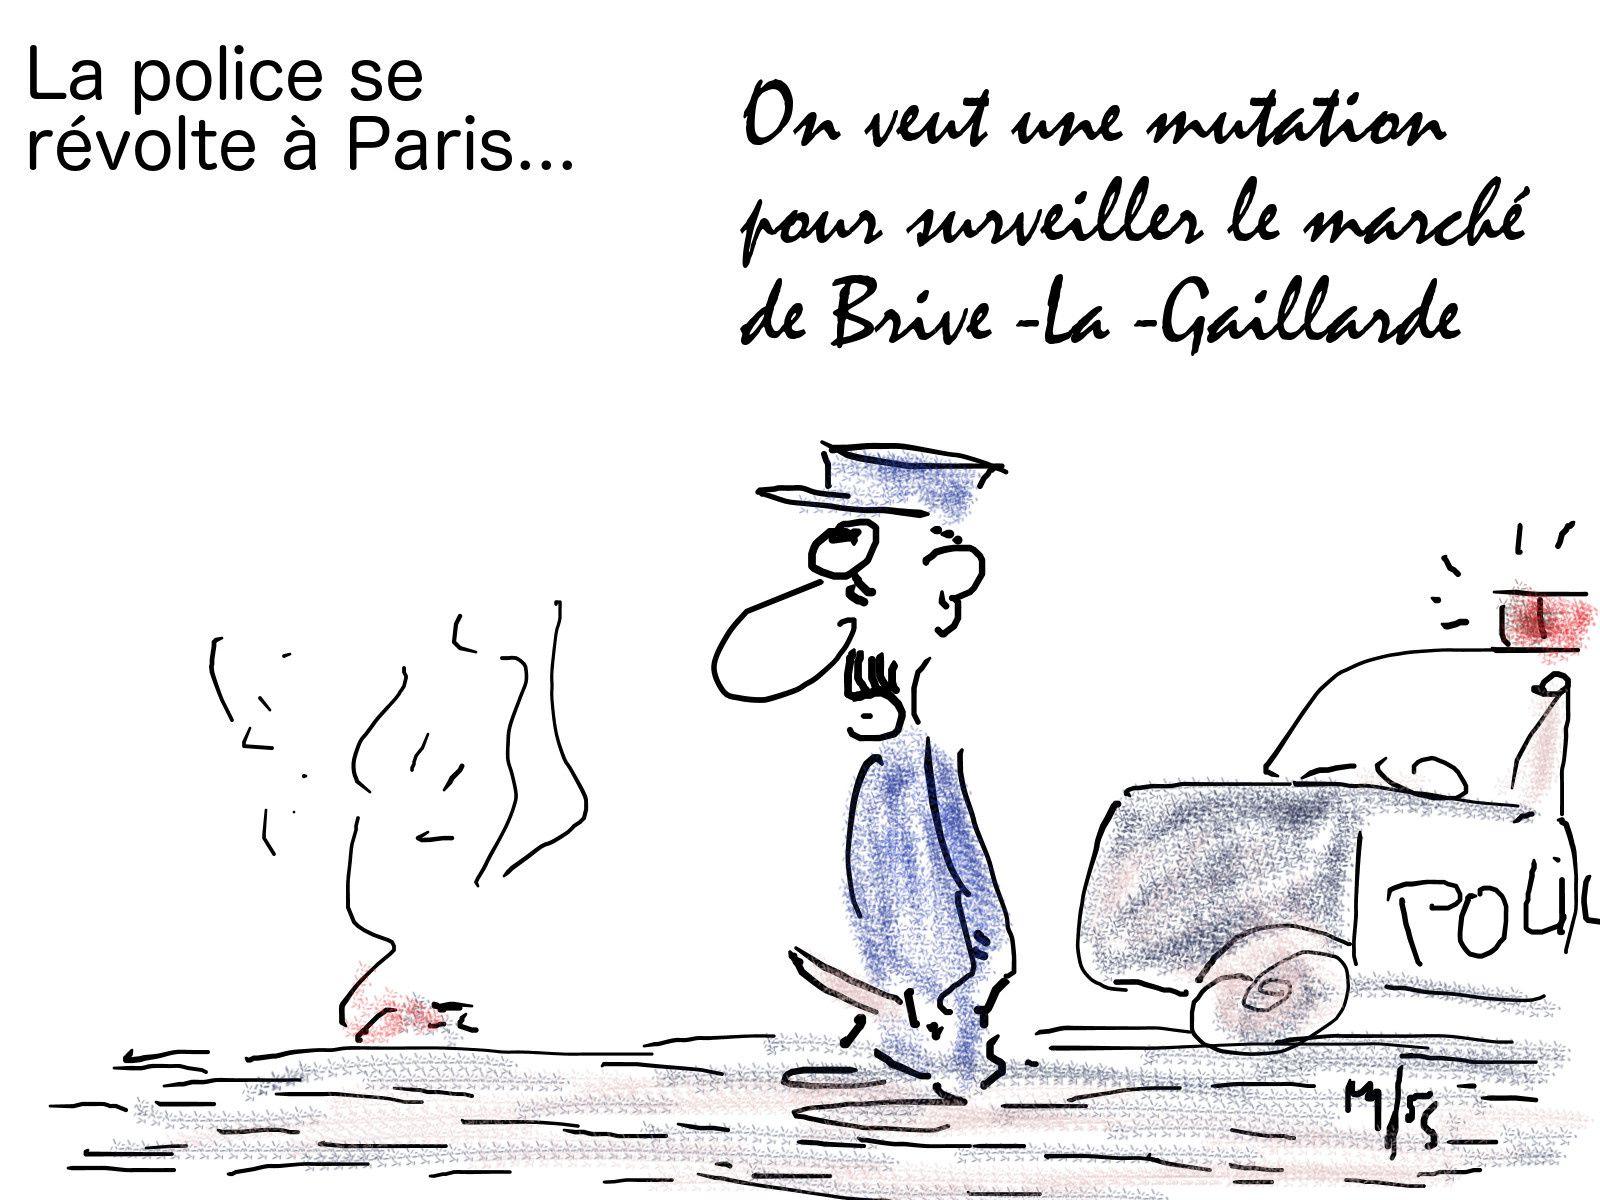 police en lutte